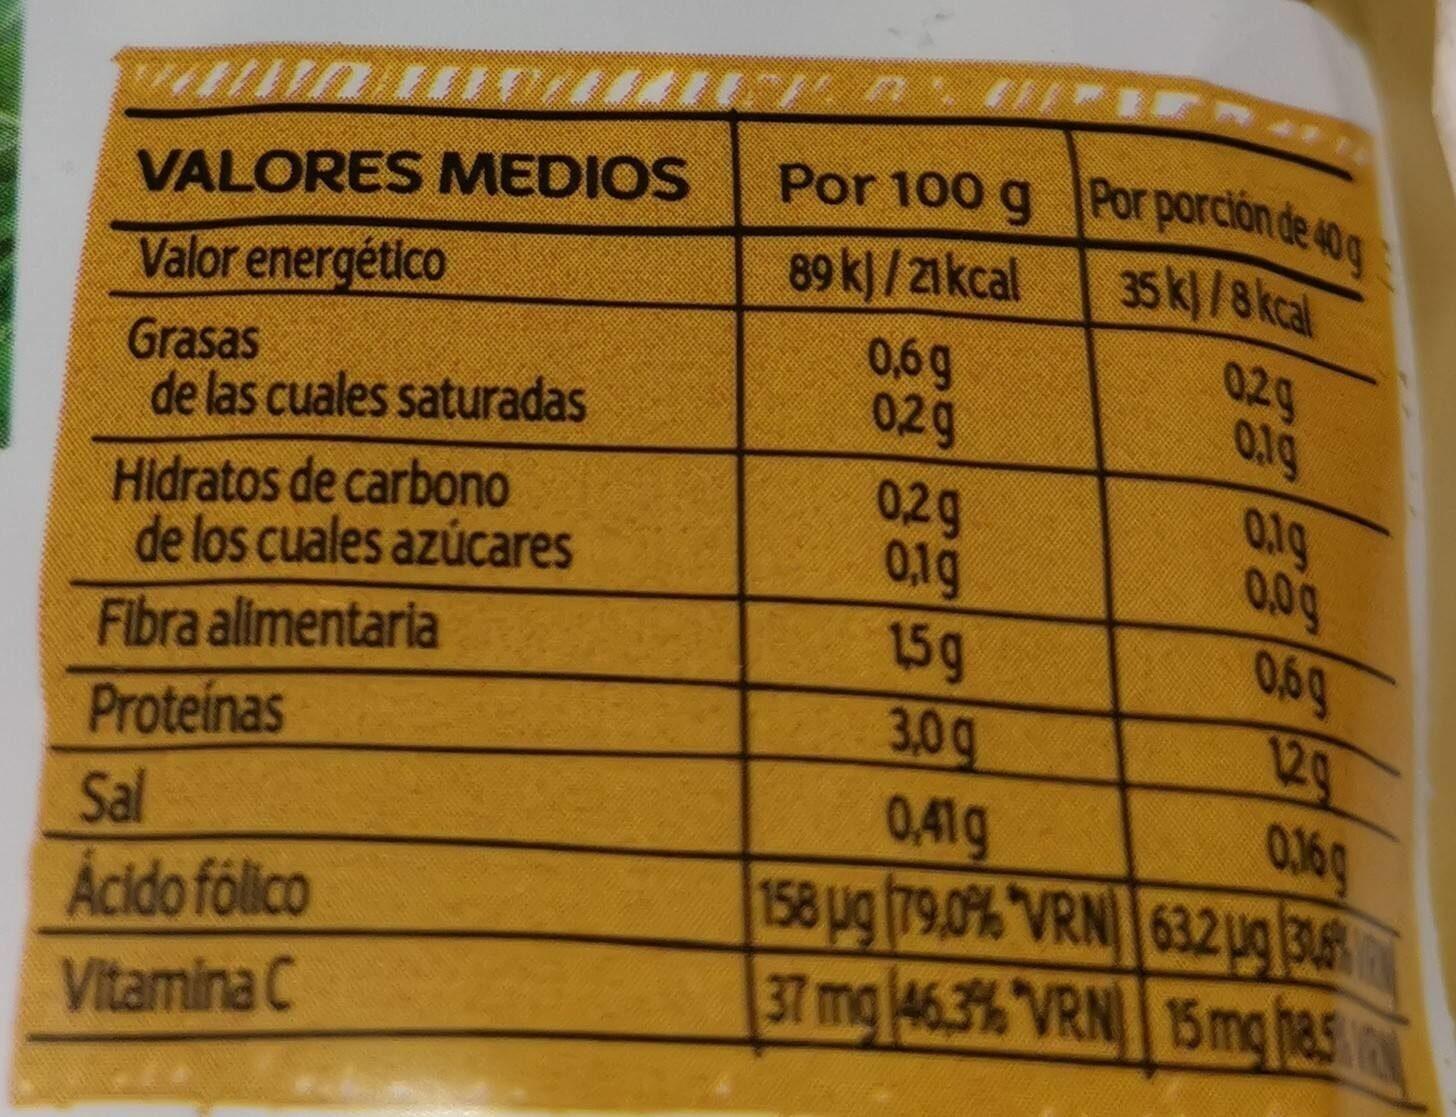 Rúcula primeros brotes ensalada individual - Información nutricional - es